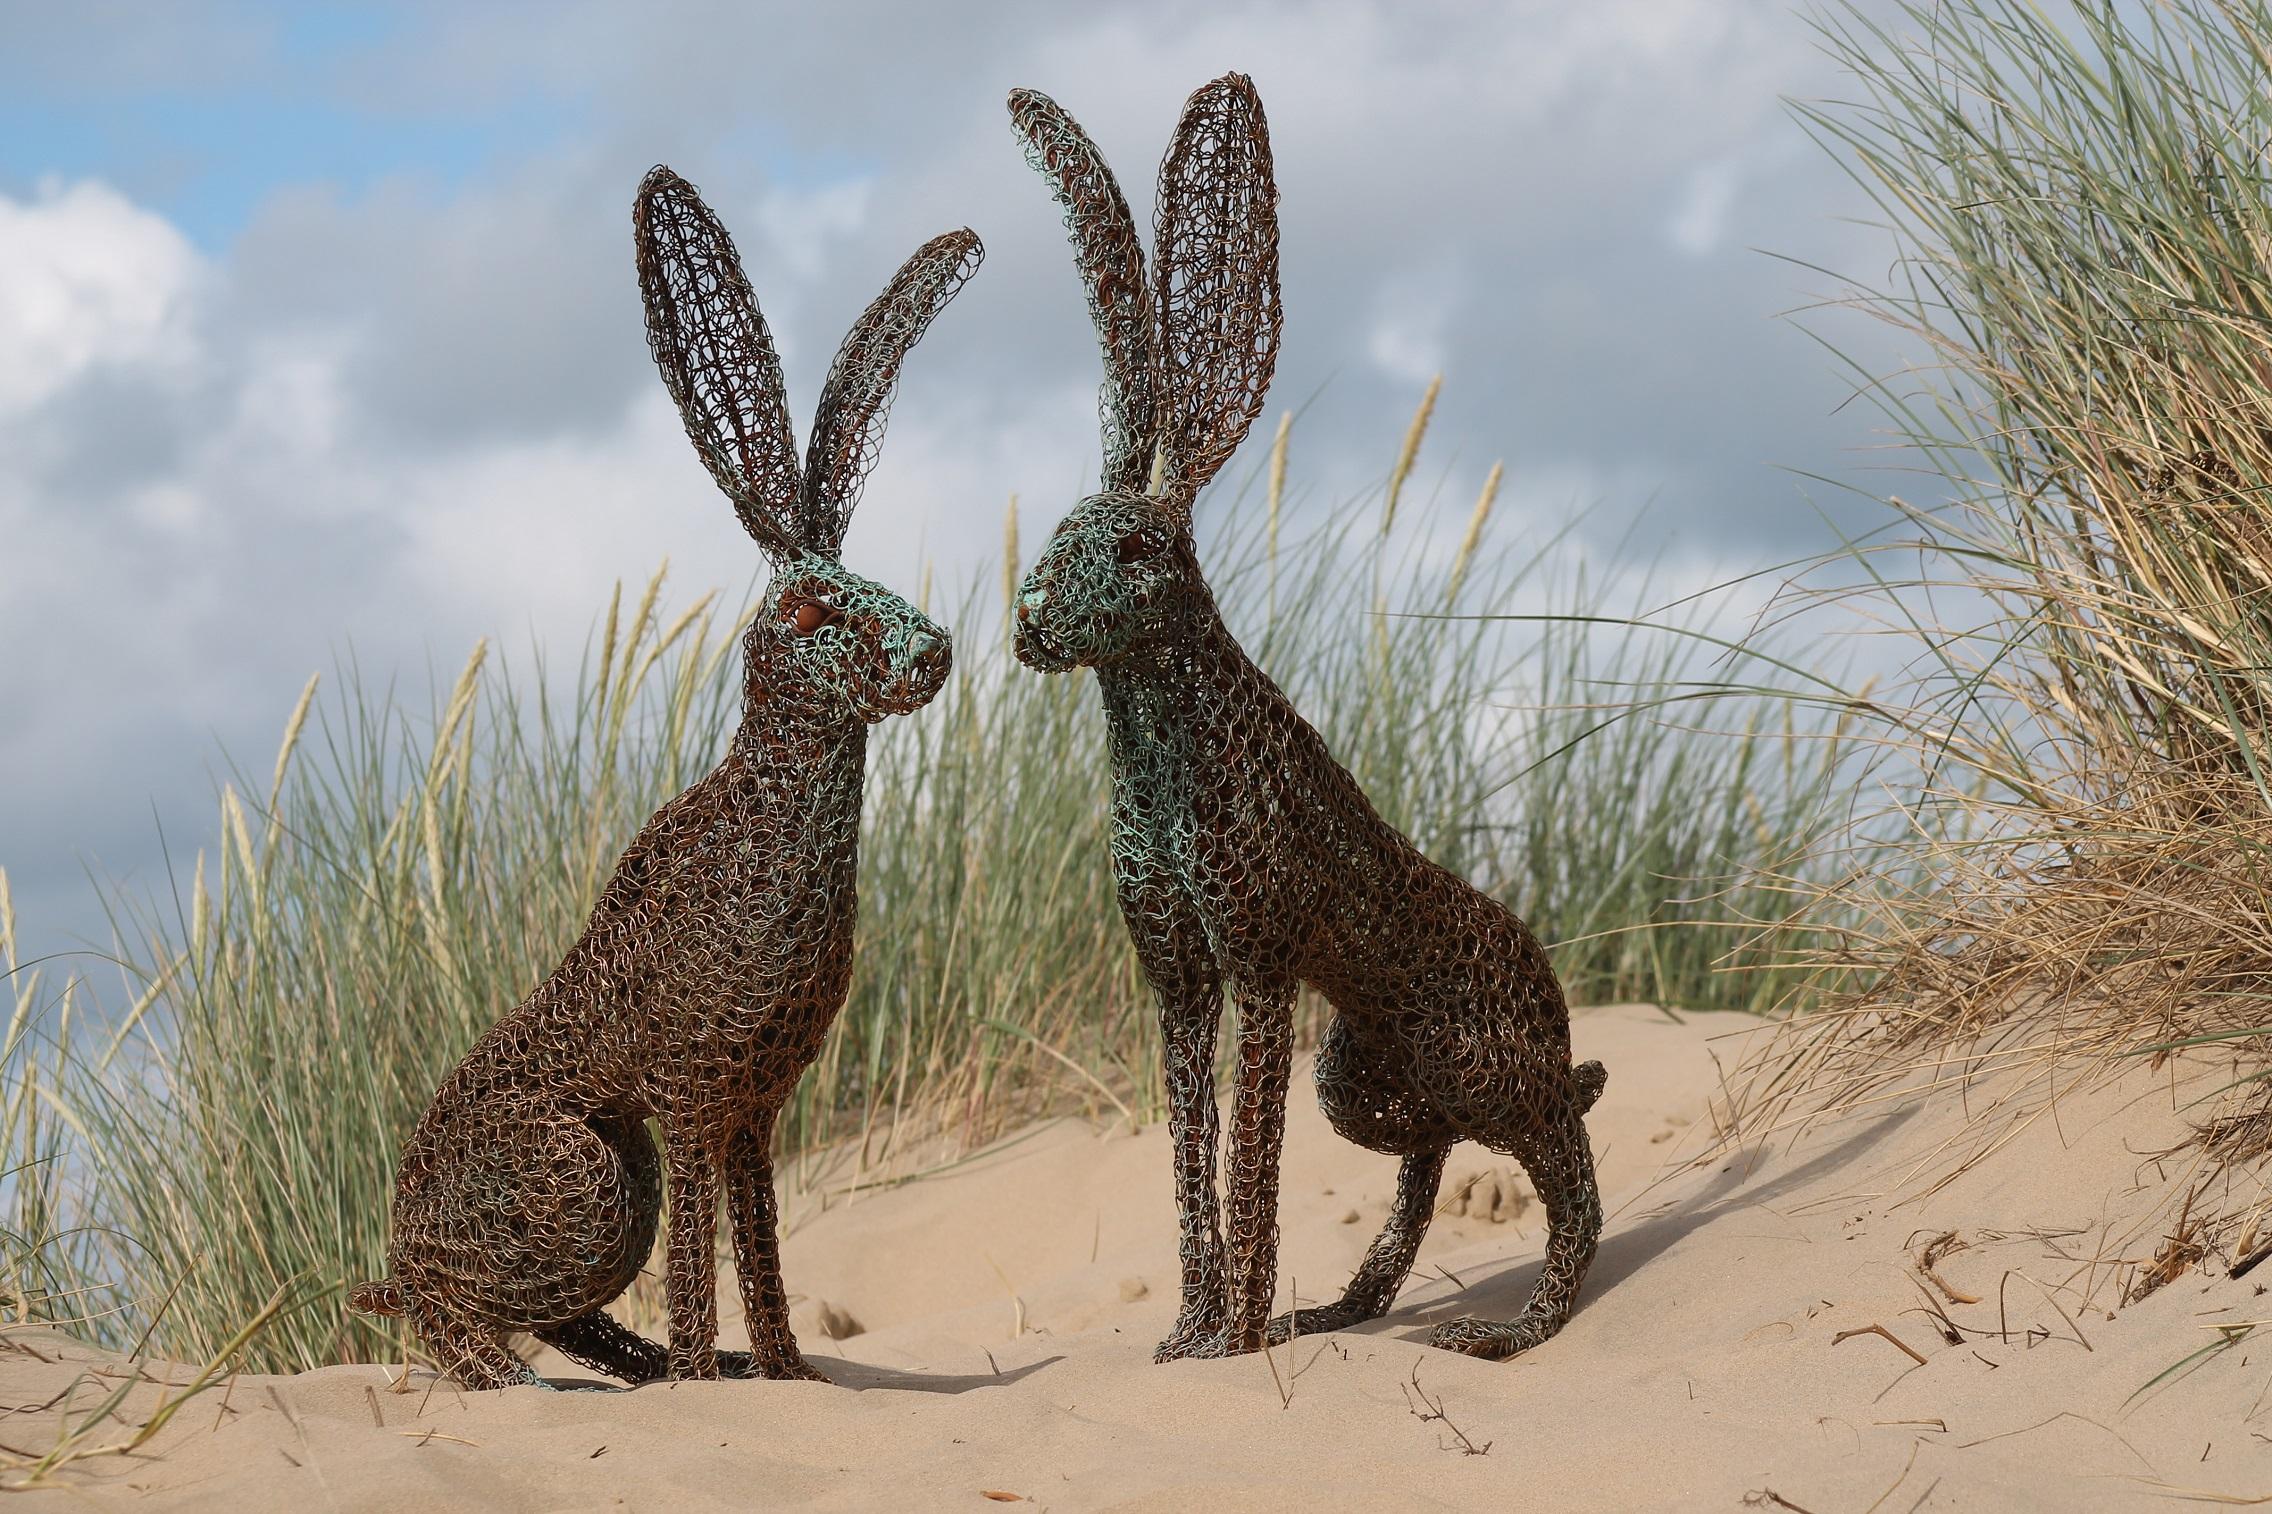 kissing hares together 2.jpg